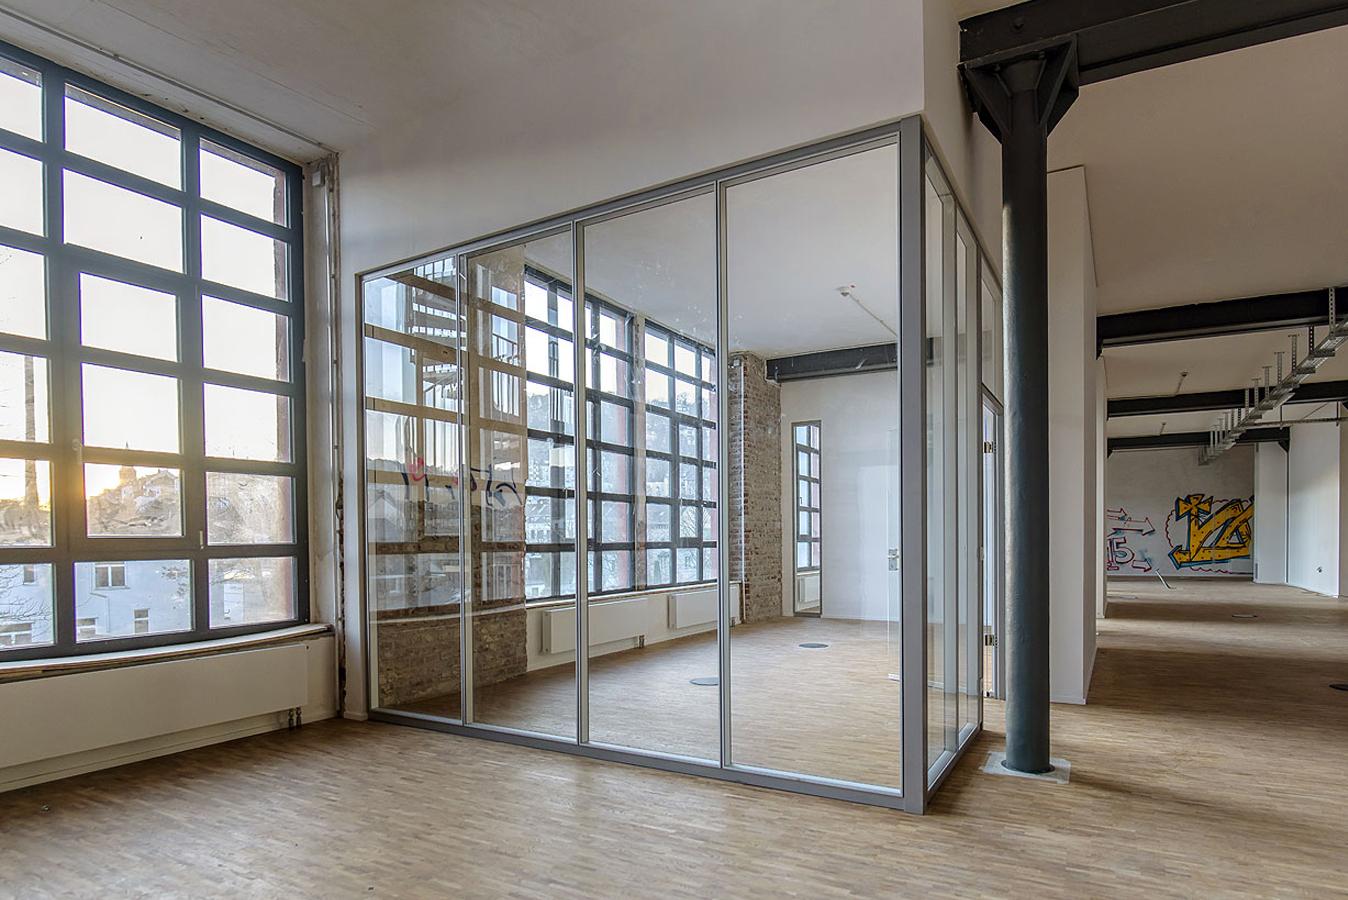 p 1605 14 lindner architekten. Black Bedroom Furniture Sets. Home Design Ideas